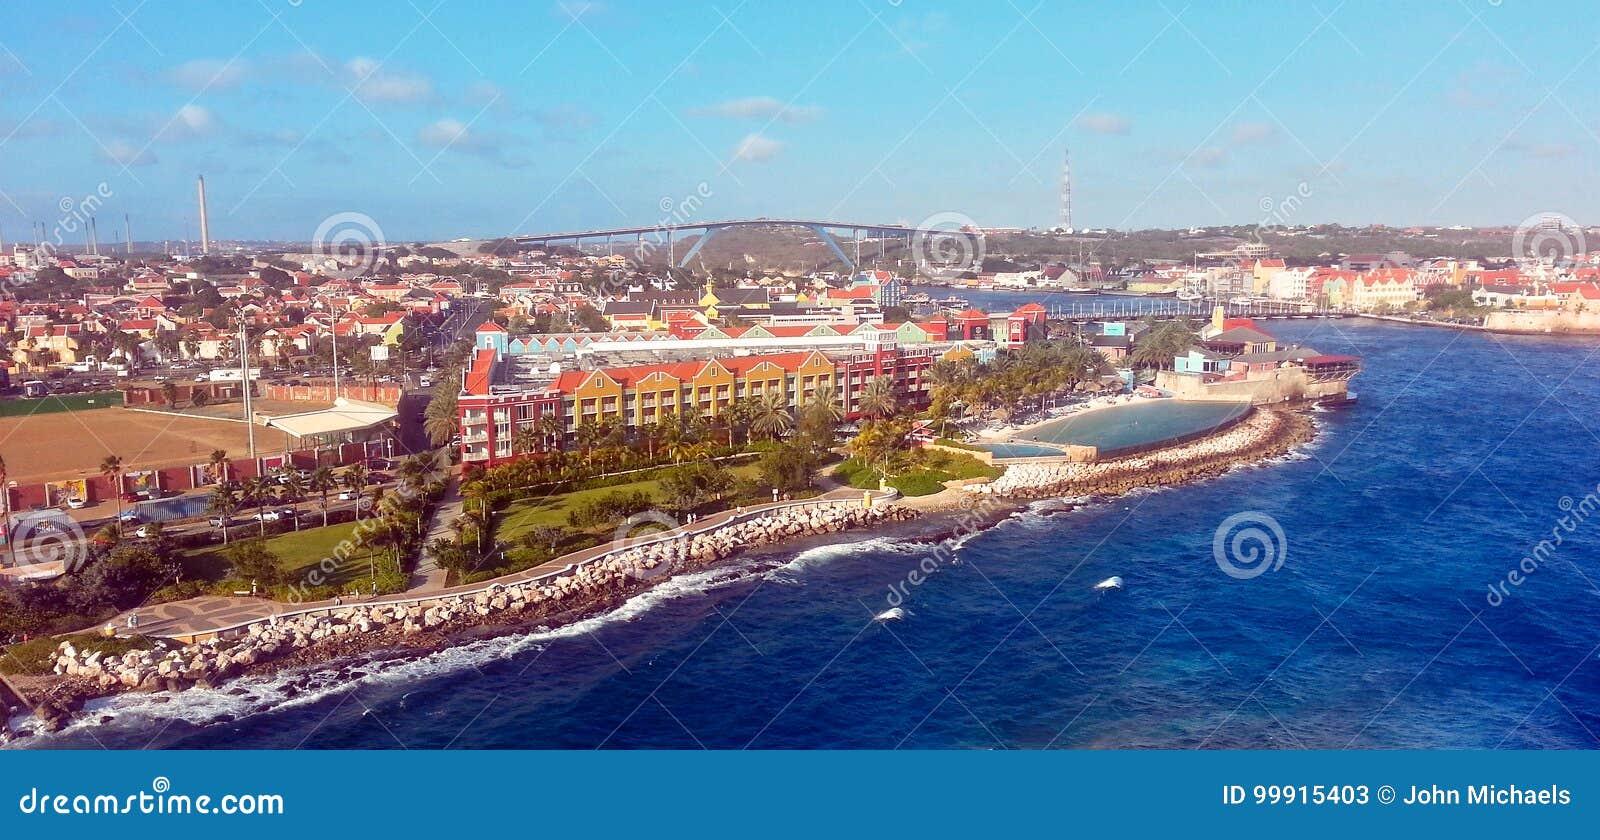 Curacao - Mega rejsu port